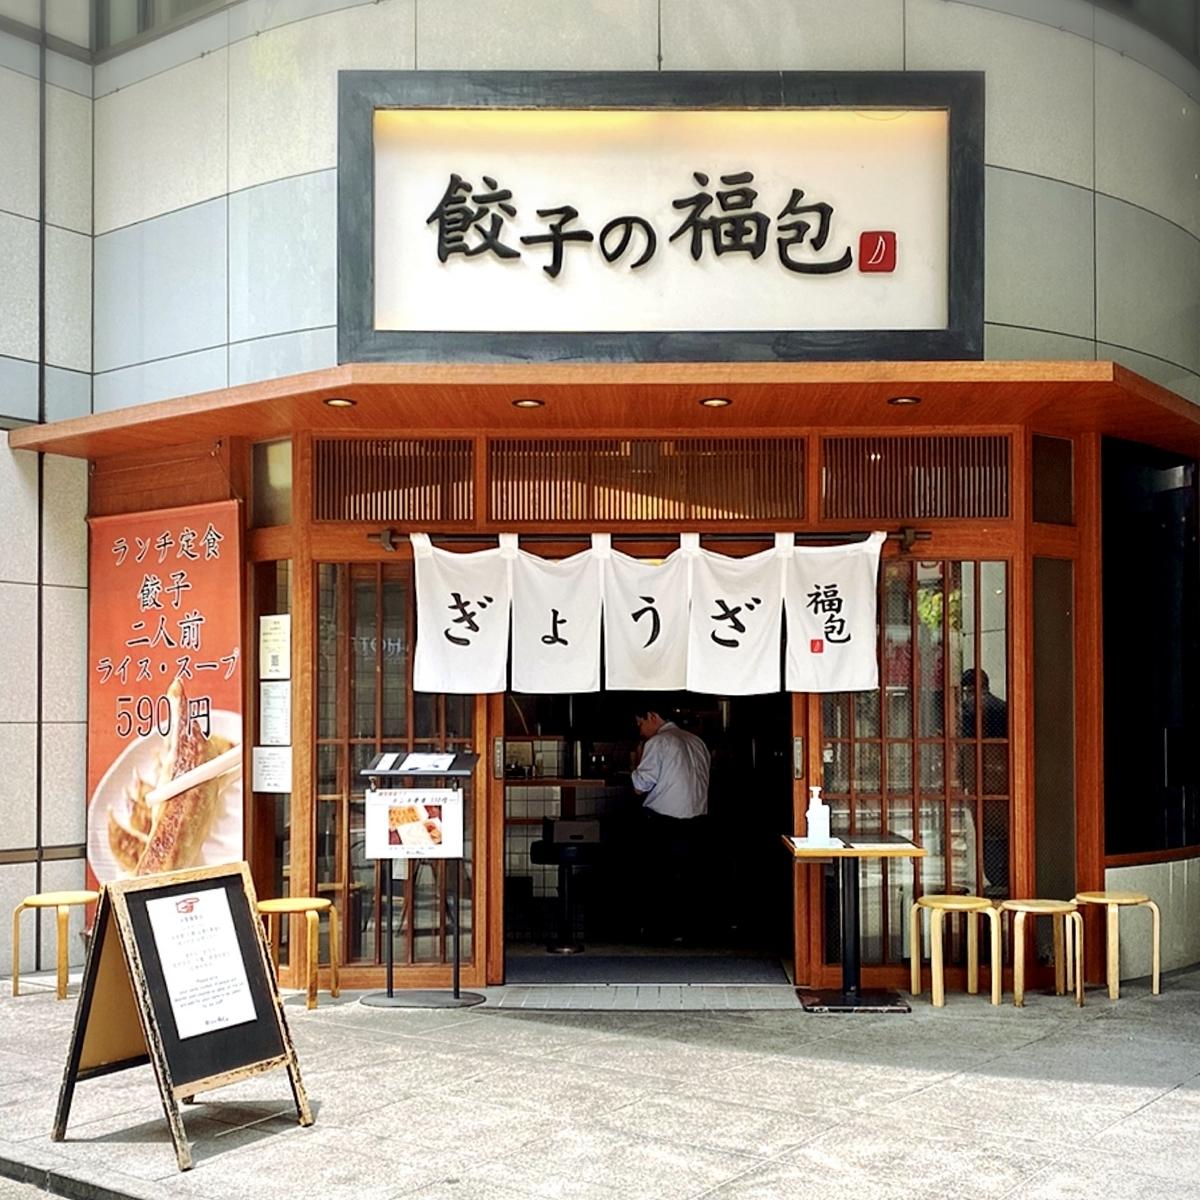 「餃子の福包」は一人ご飯から友人と数人で楽しむにはもってこいの餃子居酒屋でした